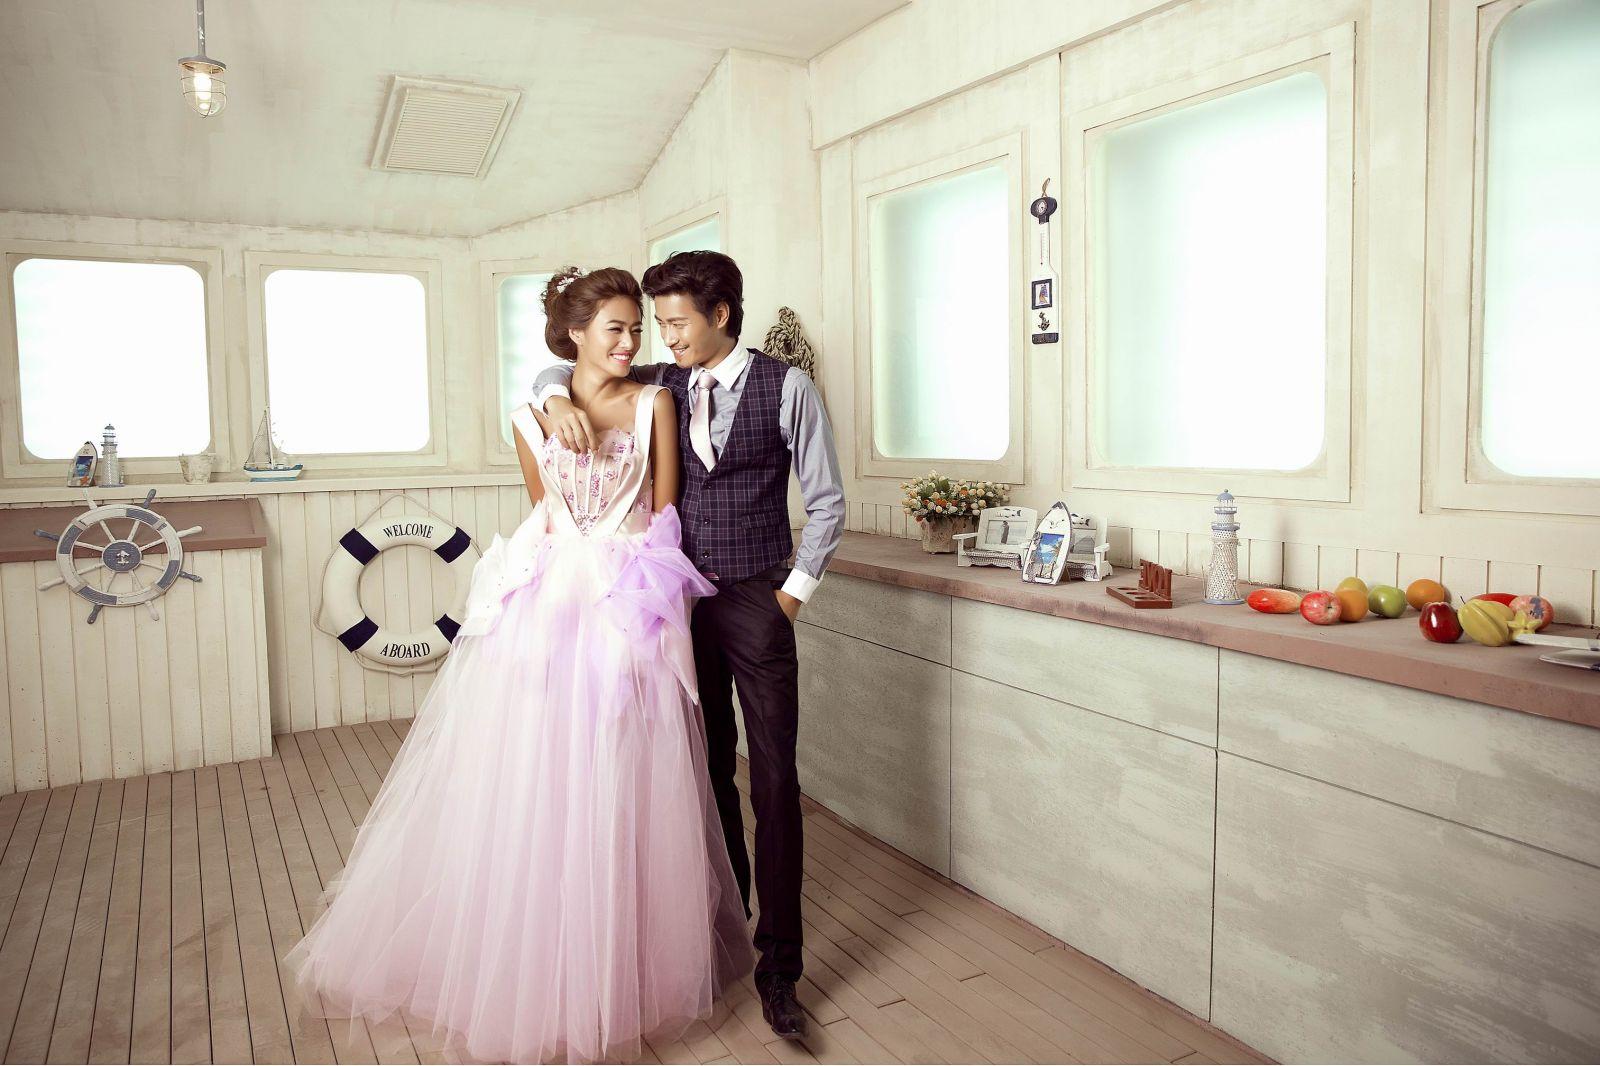 珠海婚纱摄影前十名,珠海拍婚纱照多少钱-有榜网